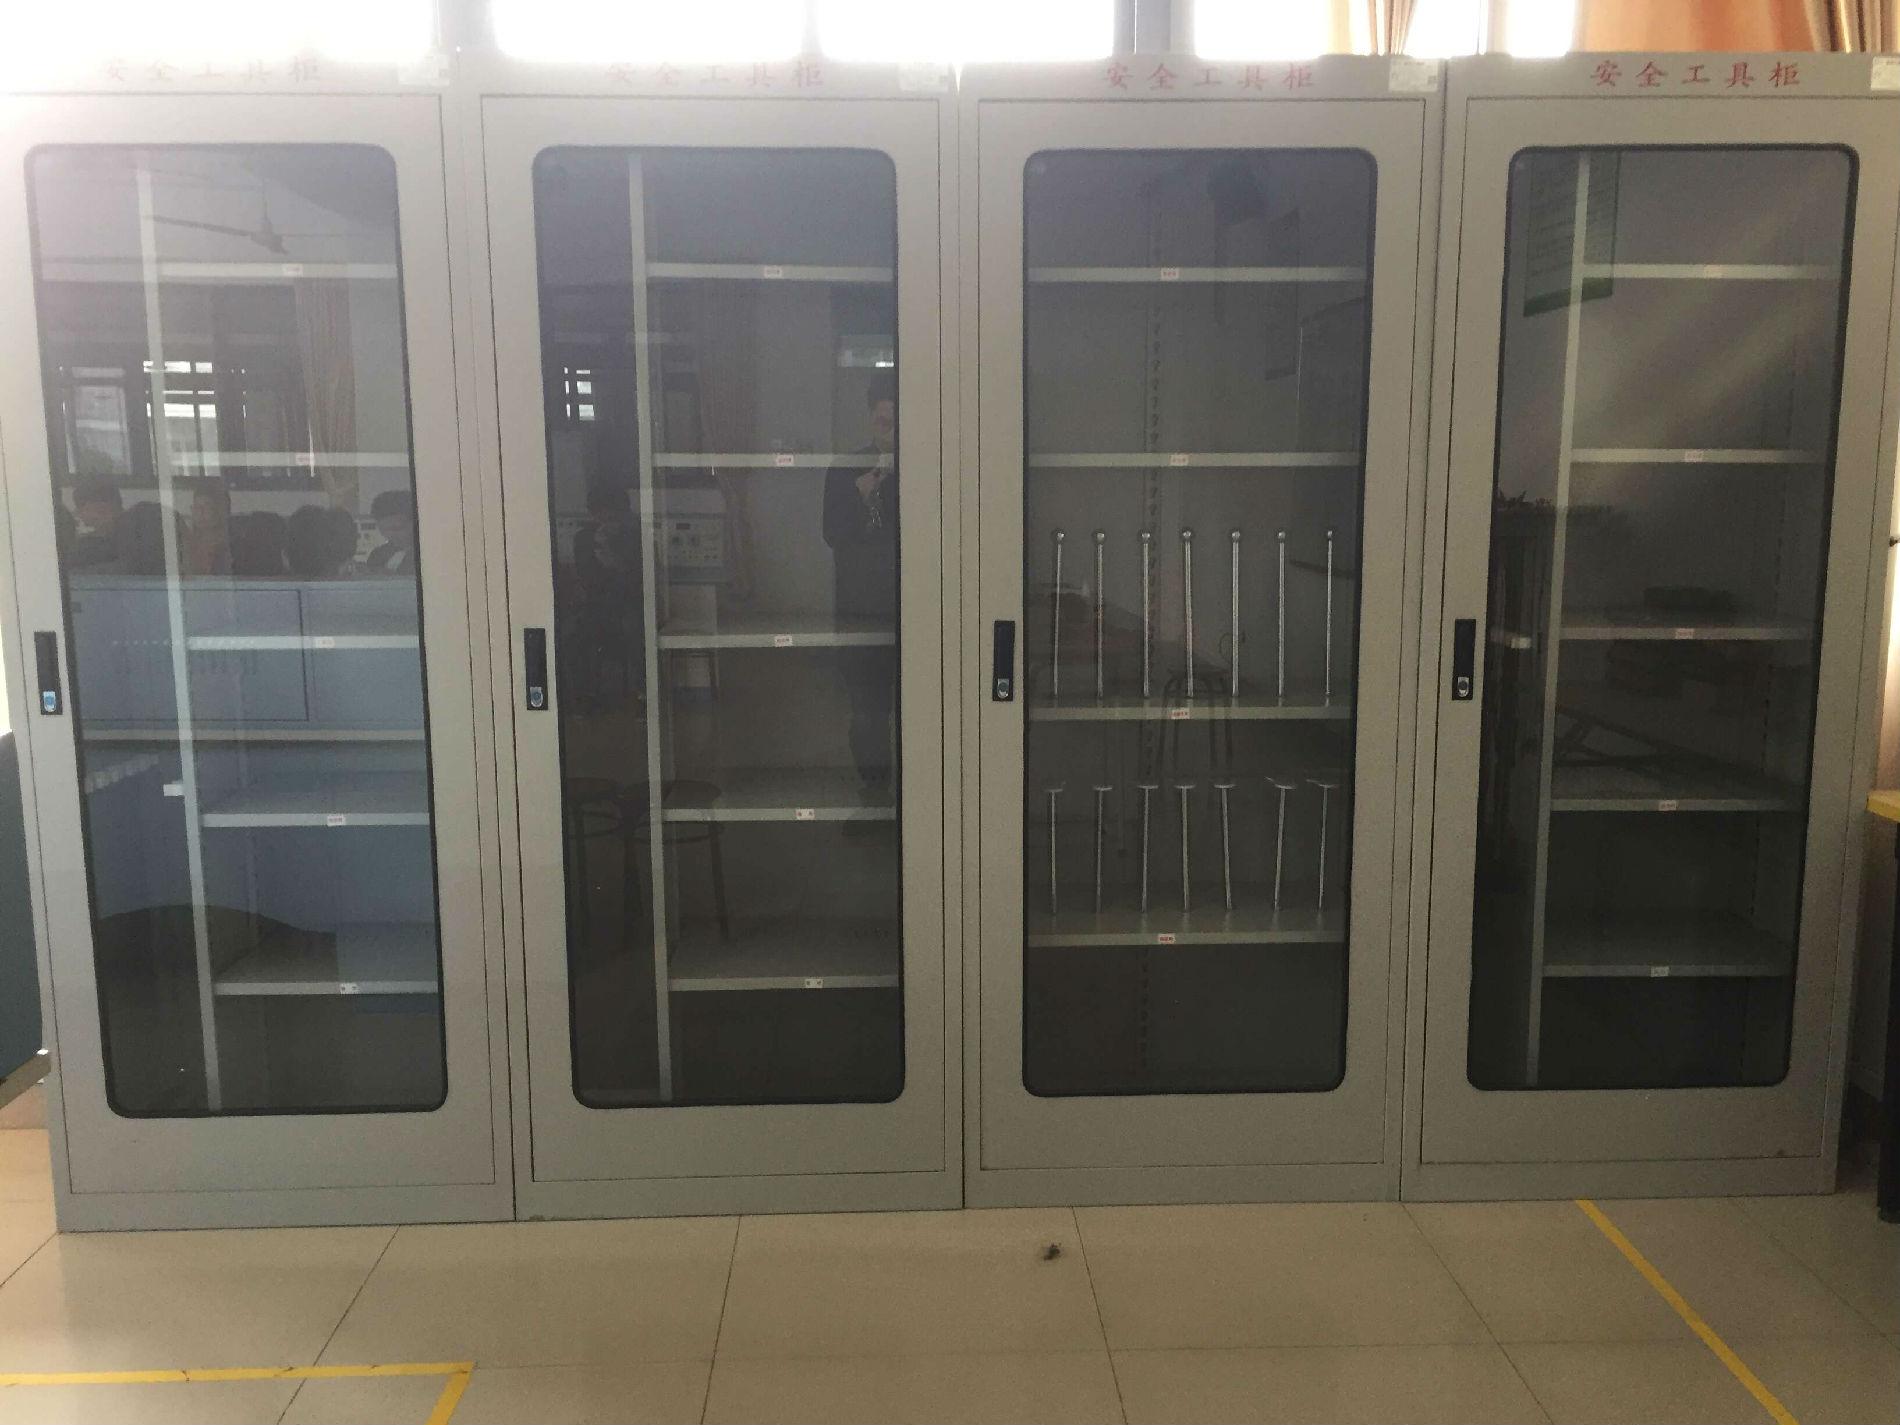 湛江安全工器具厂家 安全工具柜价格